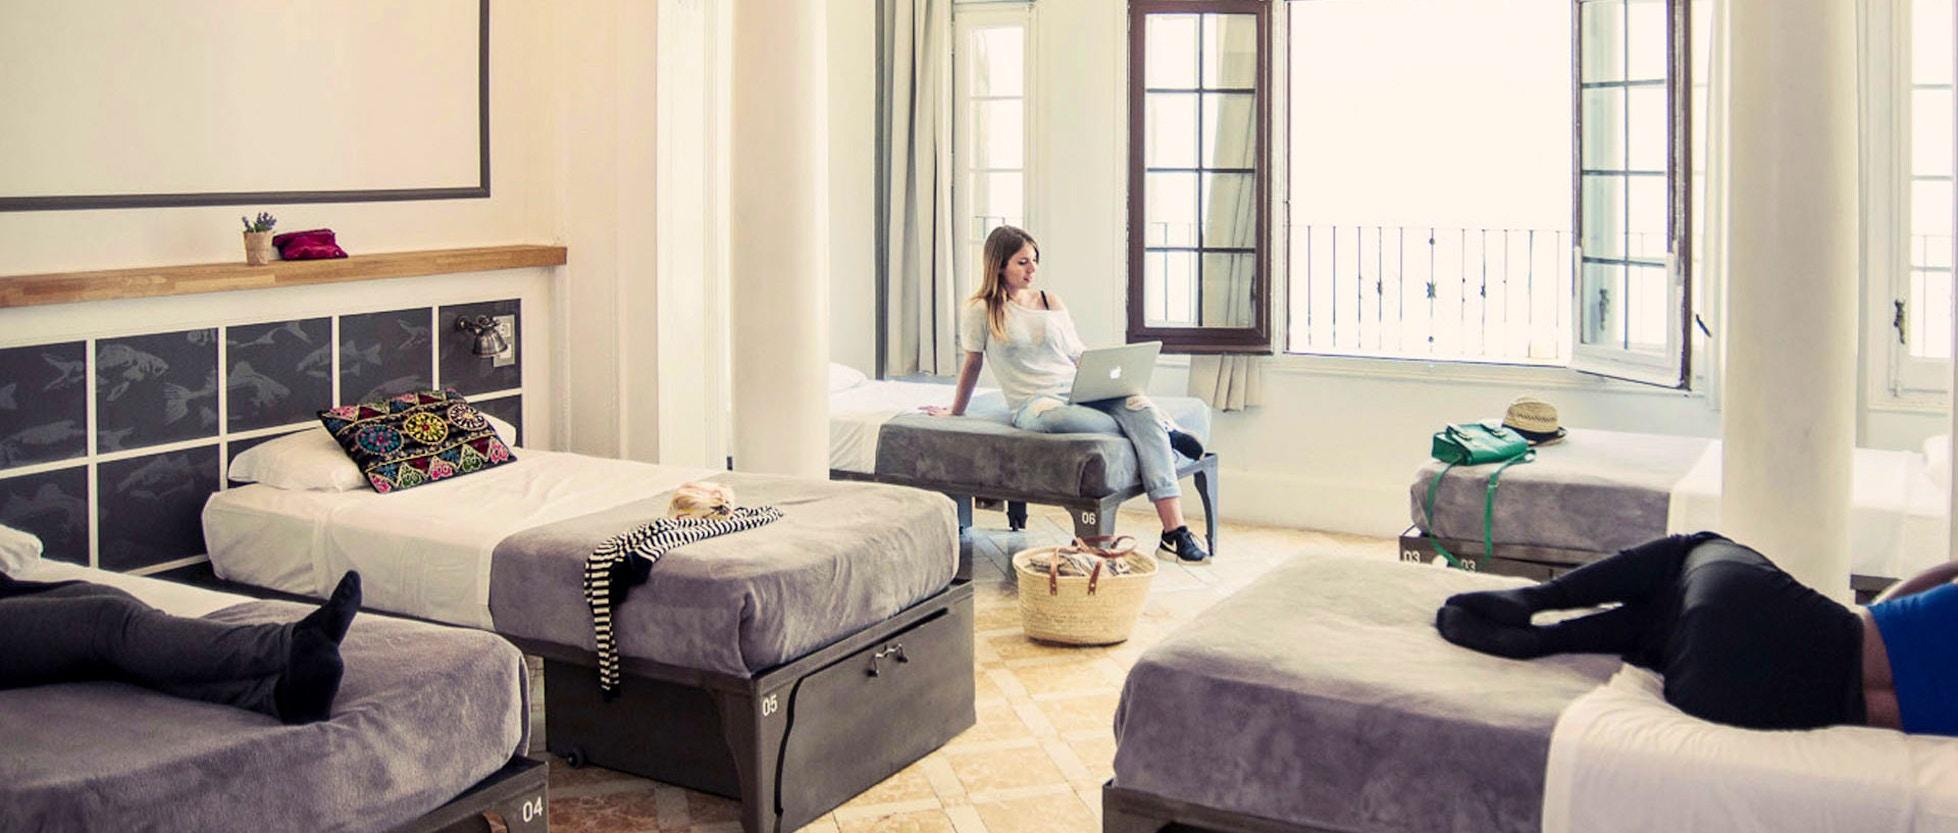 Ostelli di Barcellona - Guida ai migliori alberghi low-cost